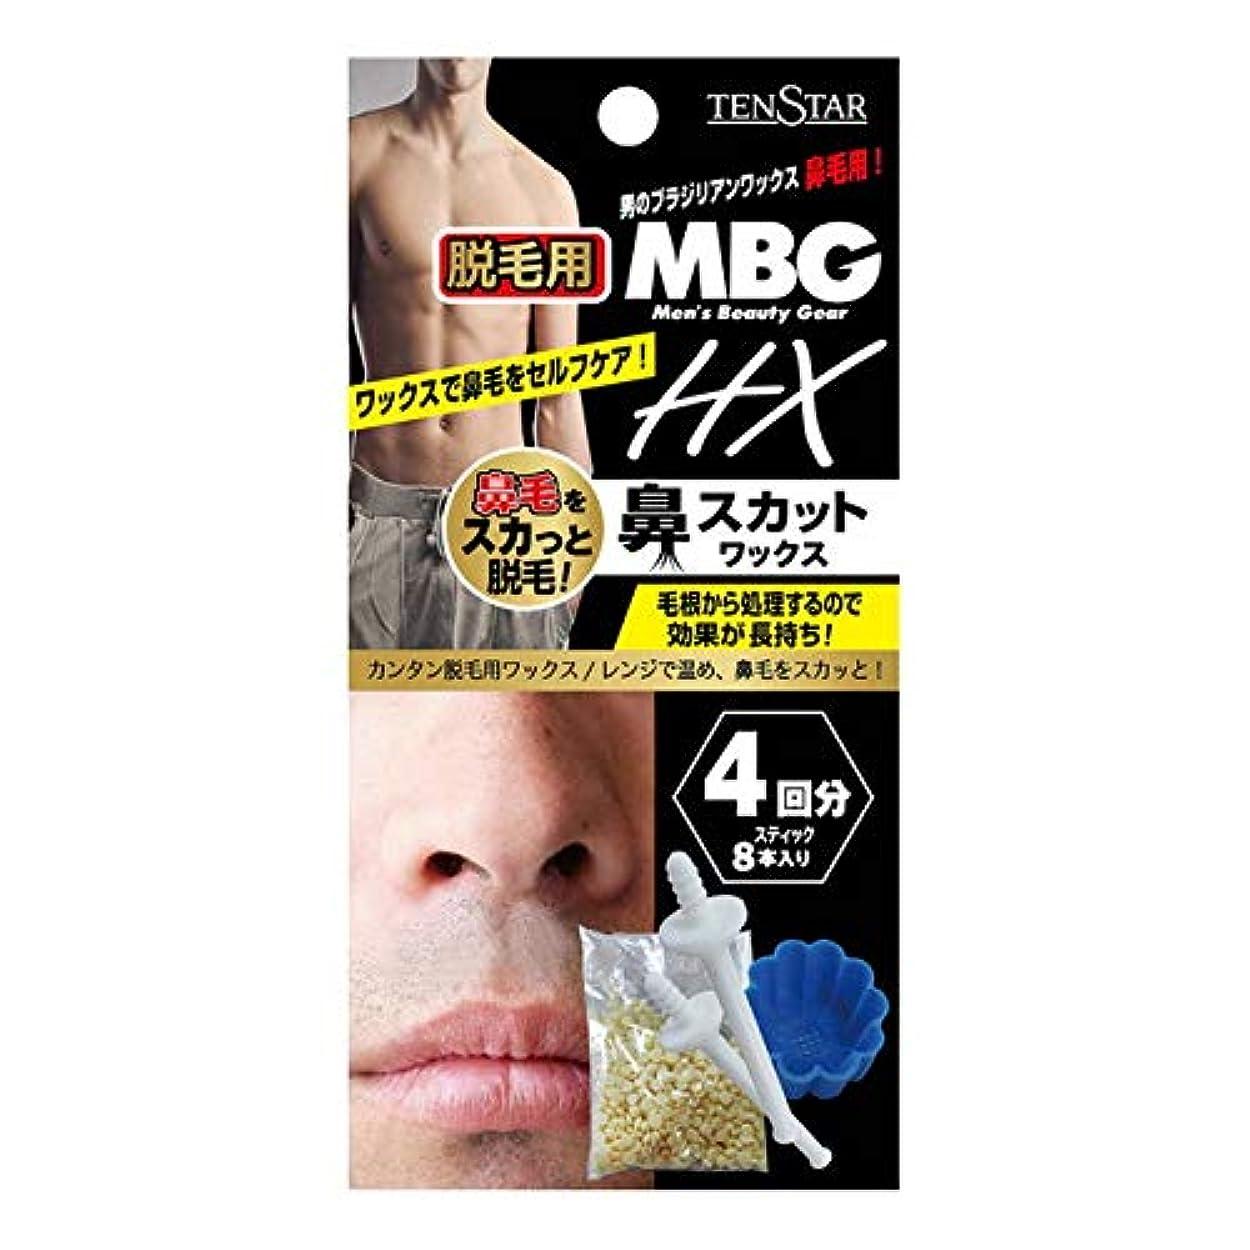 手のひら炎上請求可能MBG2-29 MBG HX鼻スカットワックス 20g